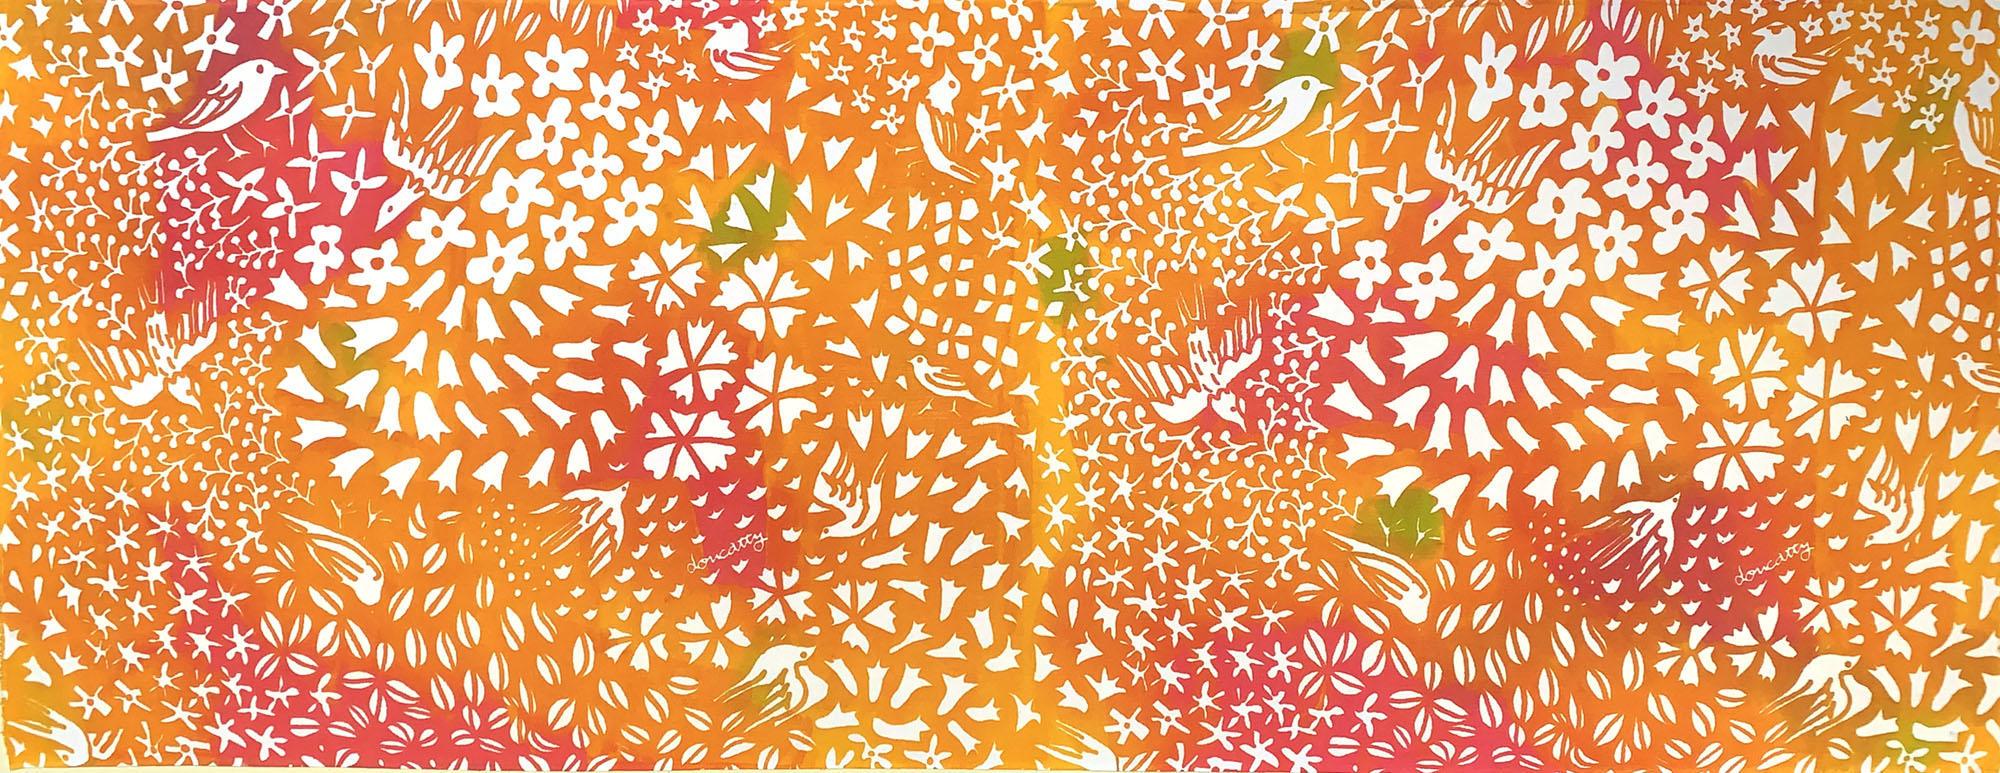 花鳥 gradation orange